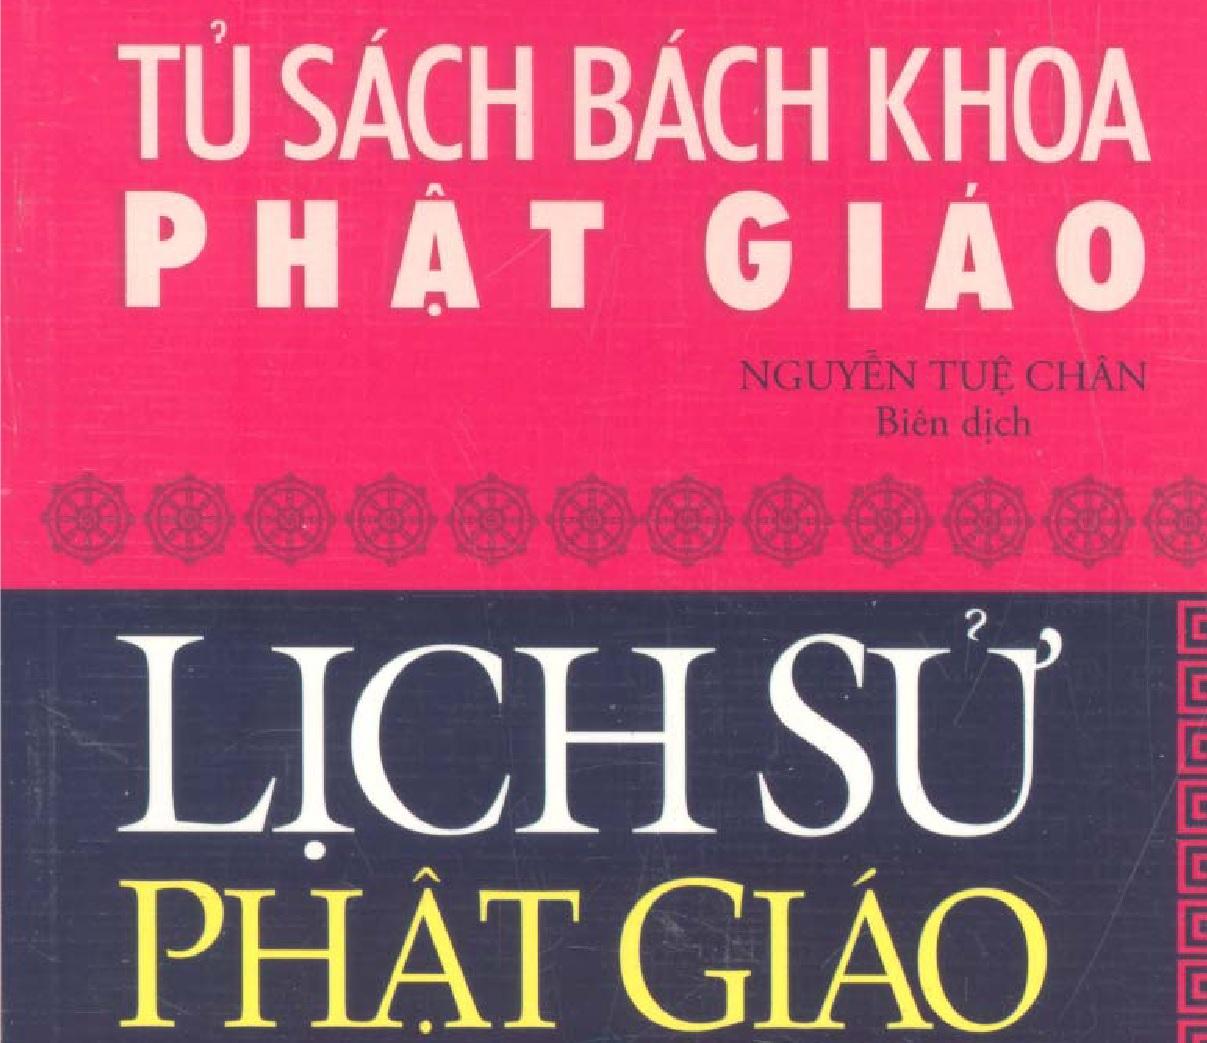 Lịch sử Phật giáo – tủ sách bách khoa Phật giáo